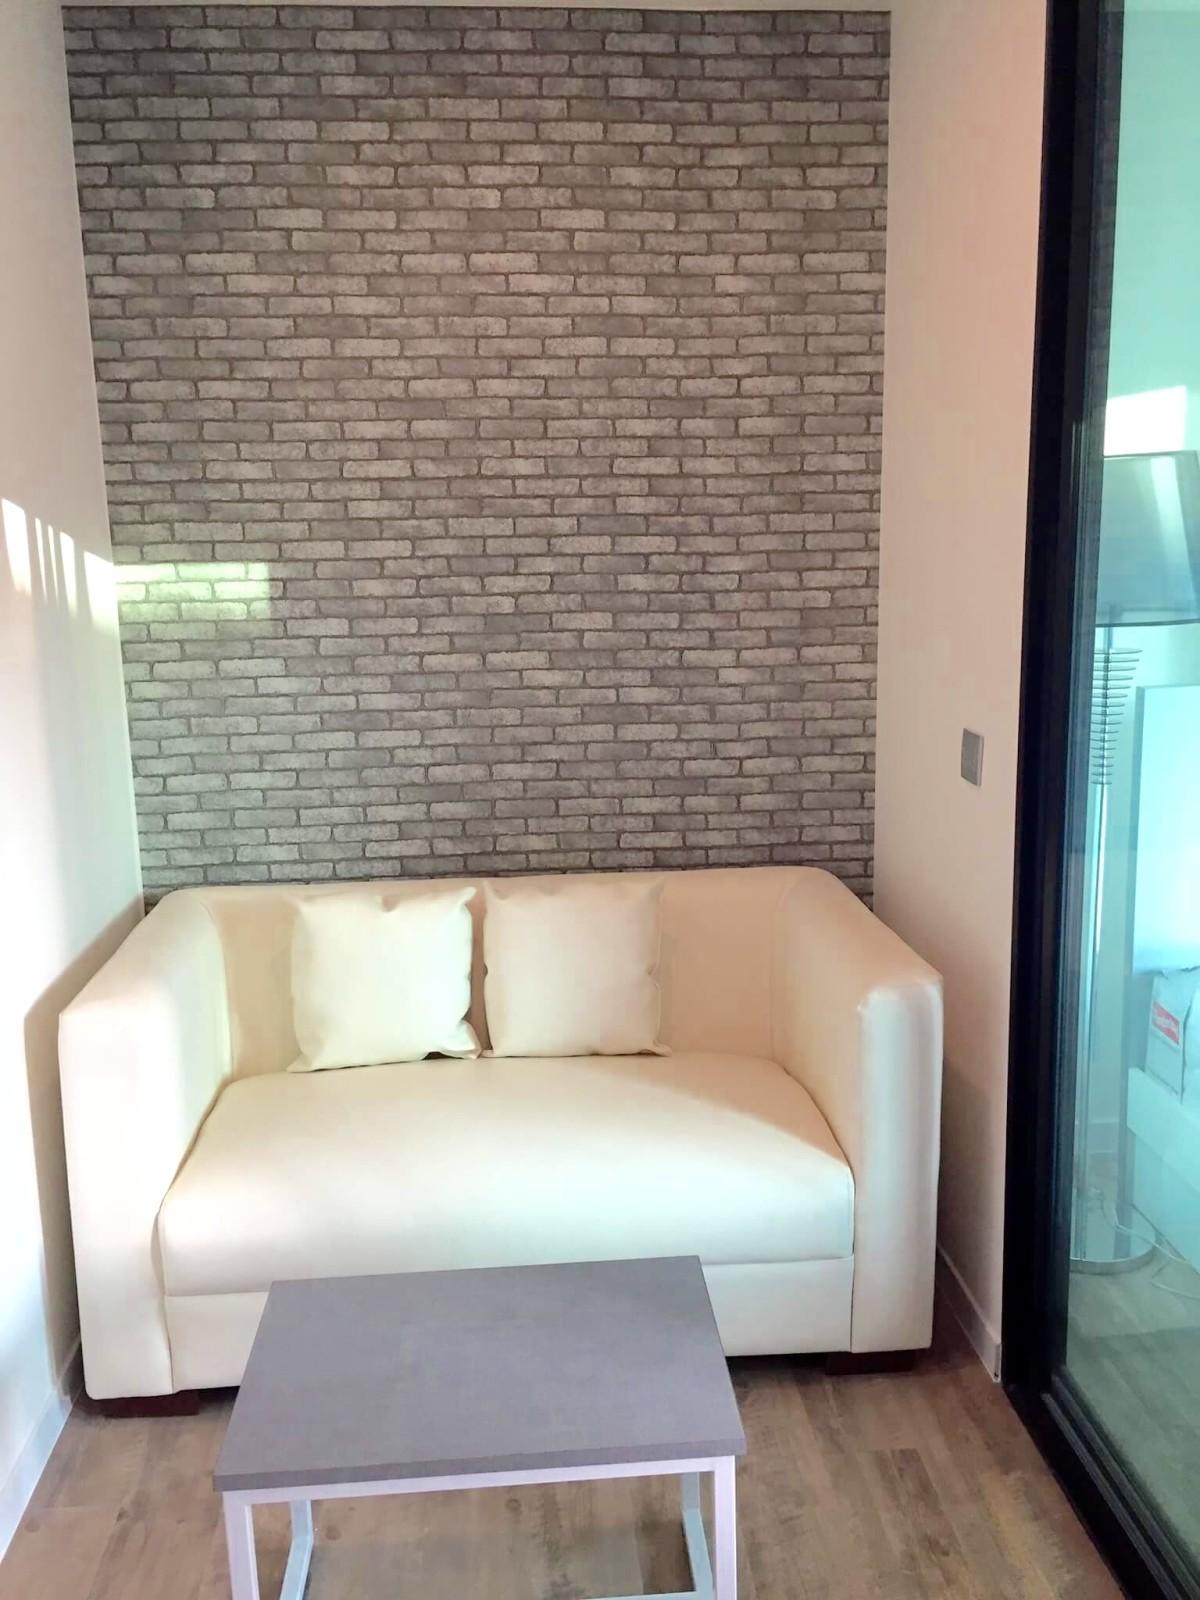 รูปของประกาศเช่าคอนโดเอช ทู โกล์ว(1 ห้องนอน)(3)